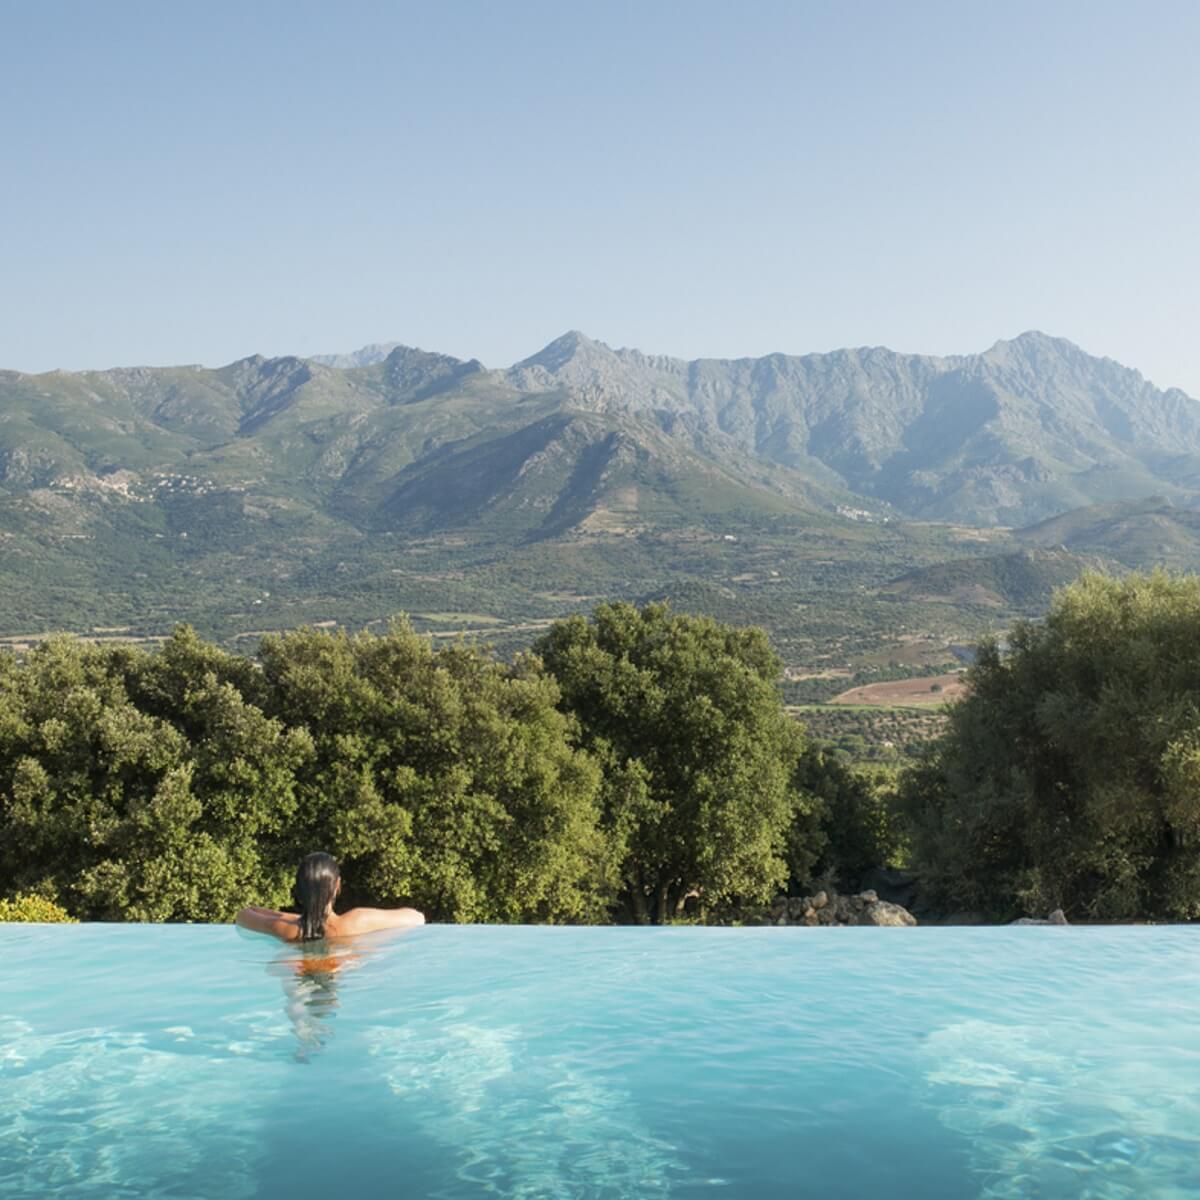 Piscine à débordement - Hôtel A Piattatella - Oletta - Corse